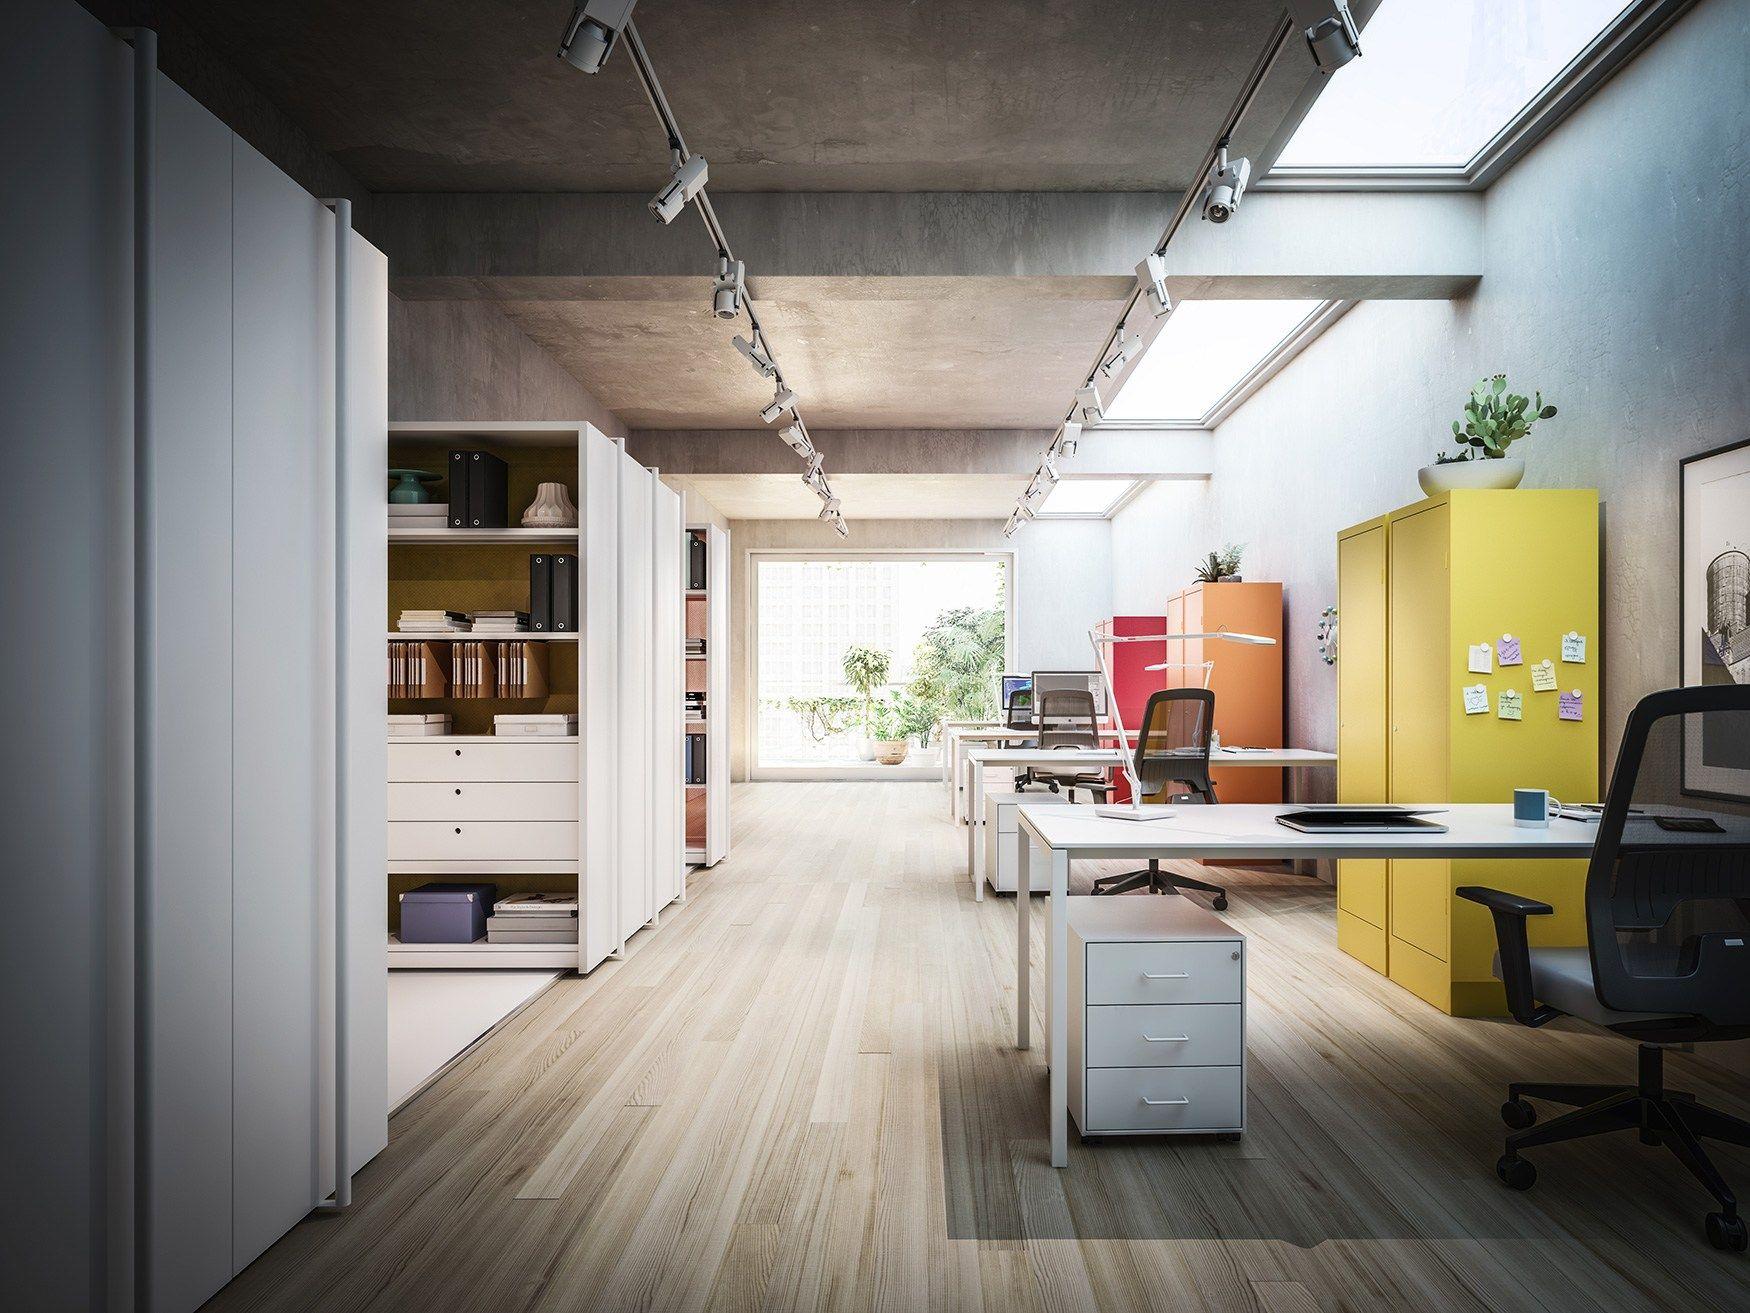 L ufficio può diventare qualcosa di più inserendo colore metallo